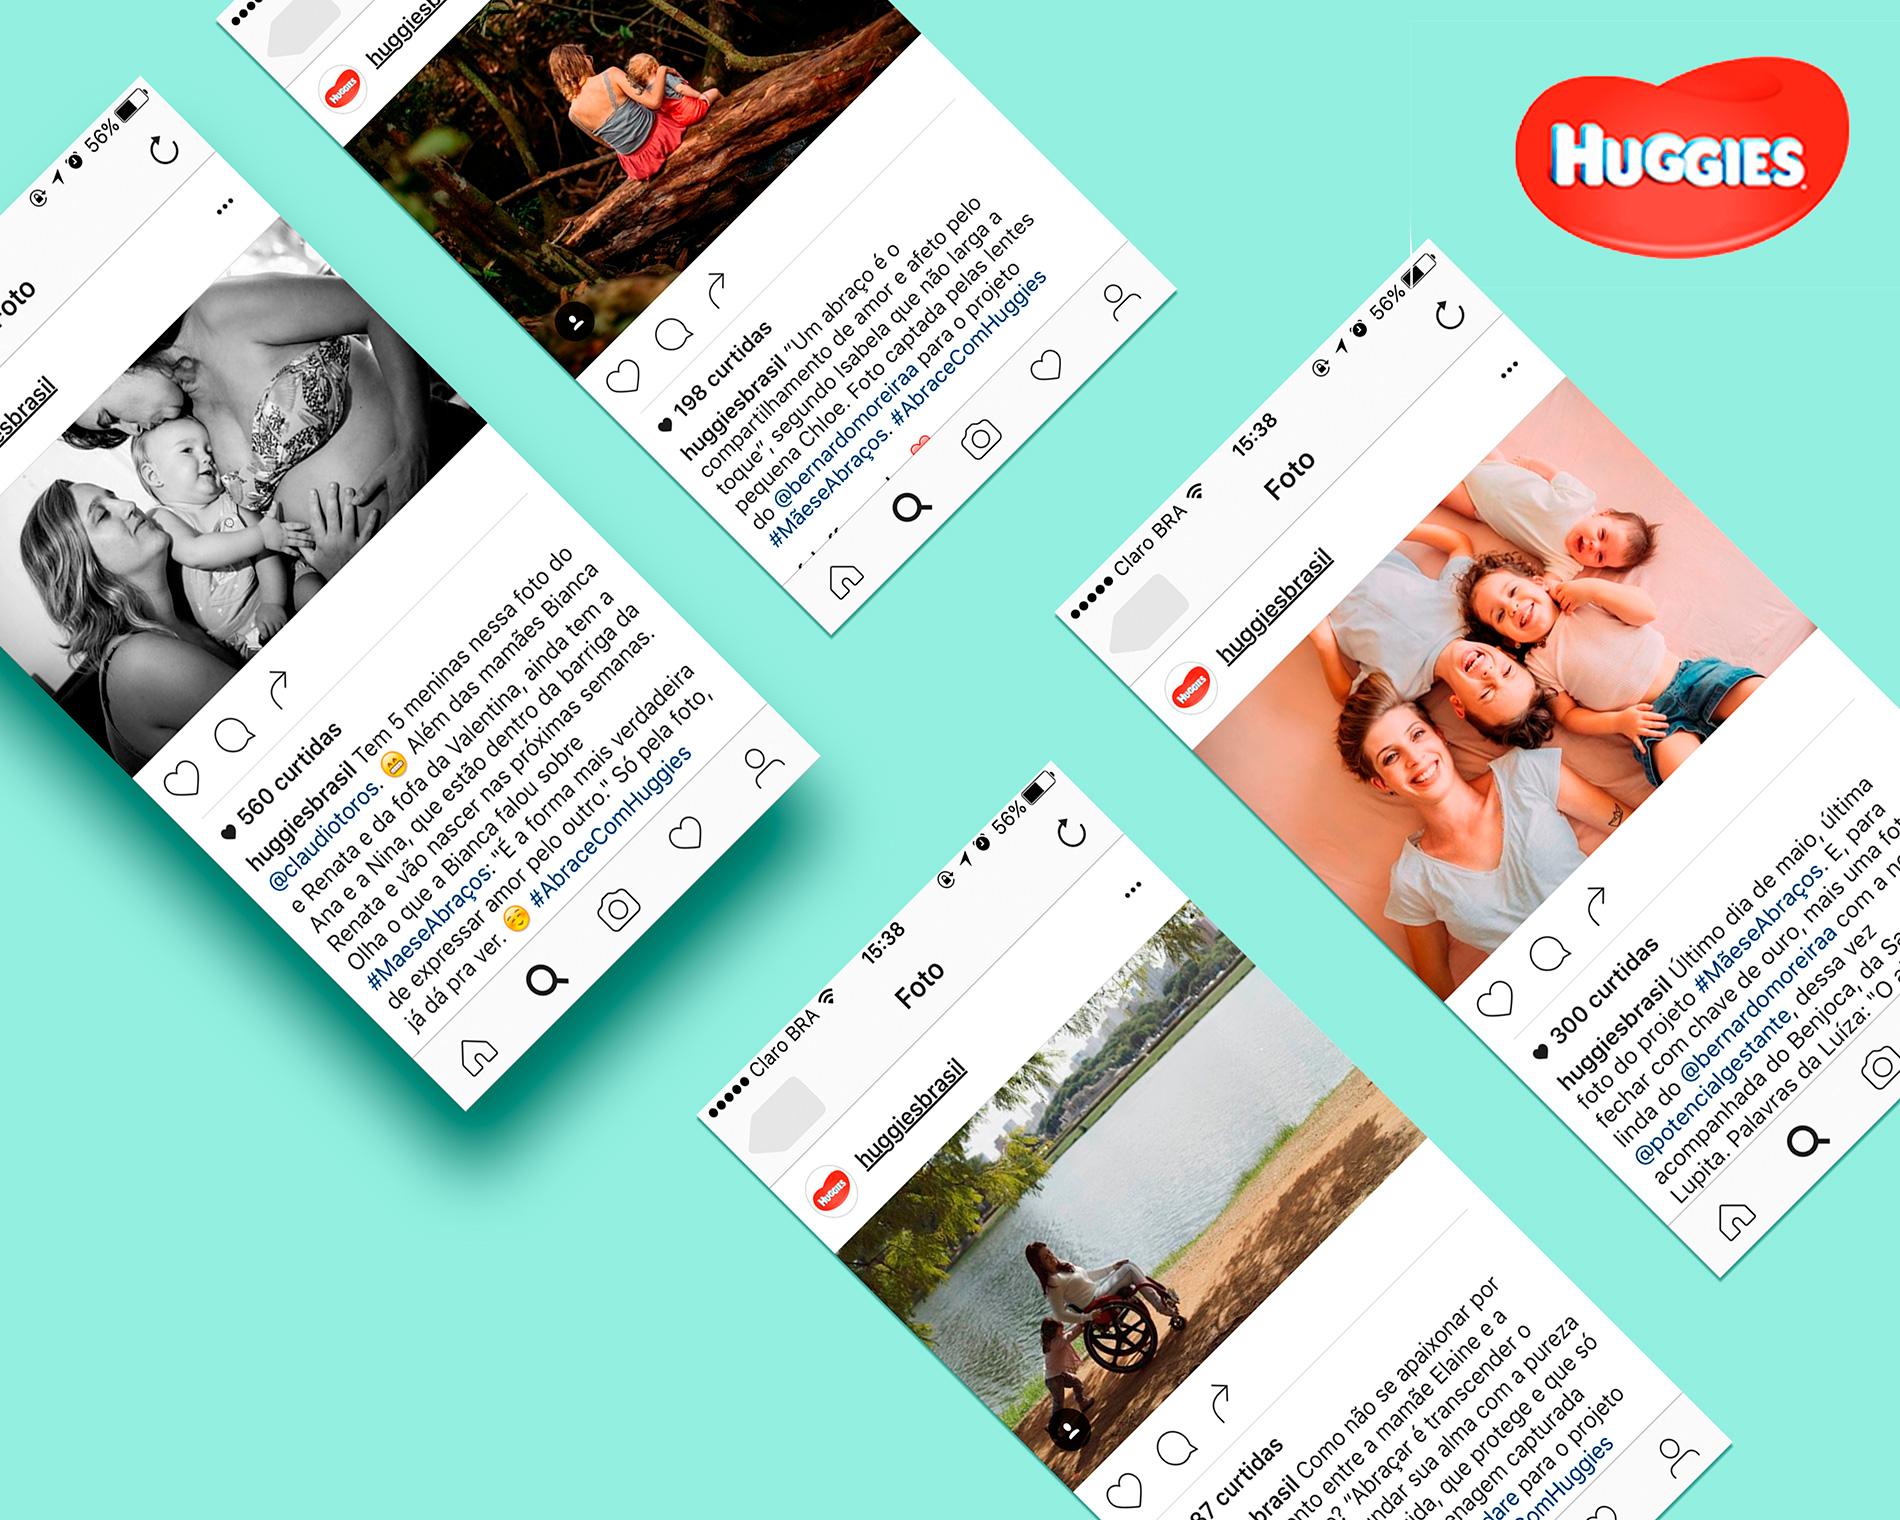 screens_huggies3.jpg